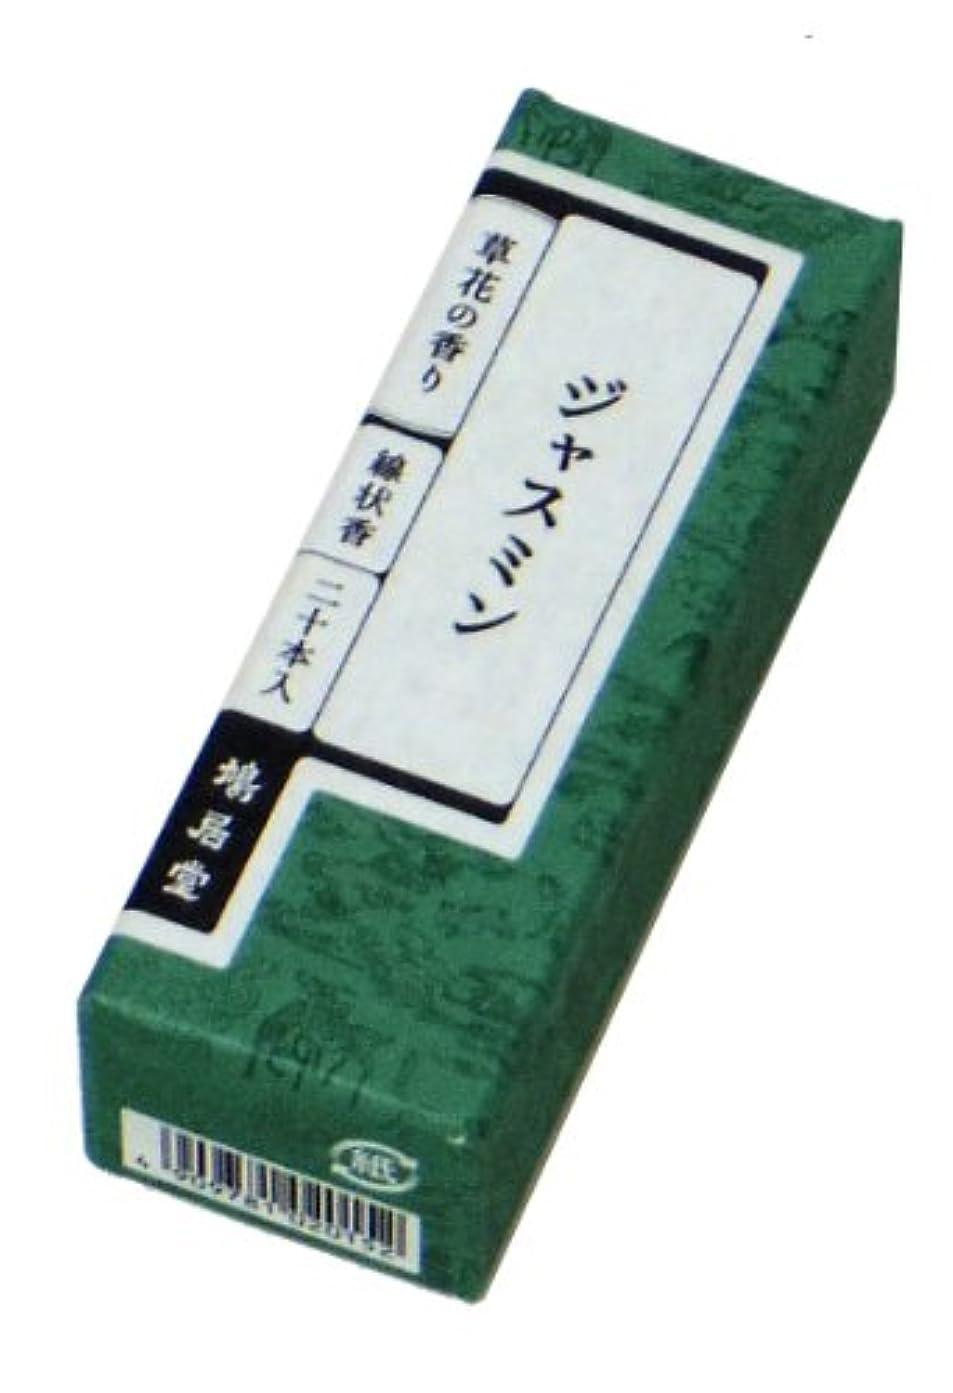 機関囲む時系列鳩居堂のお香 草花の香り ジャスミン 20本入 6cm